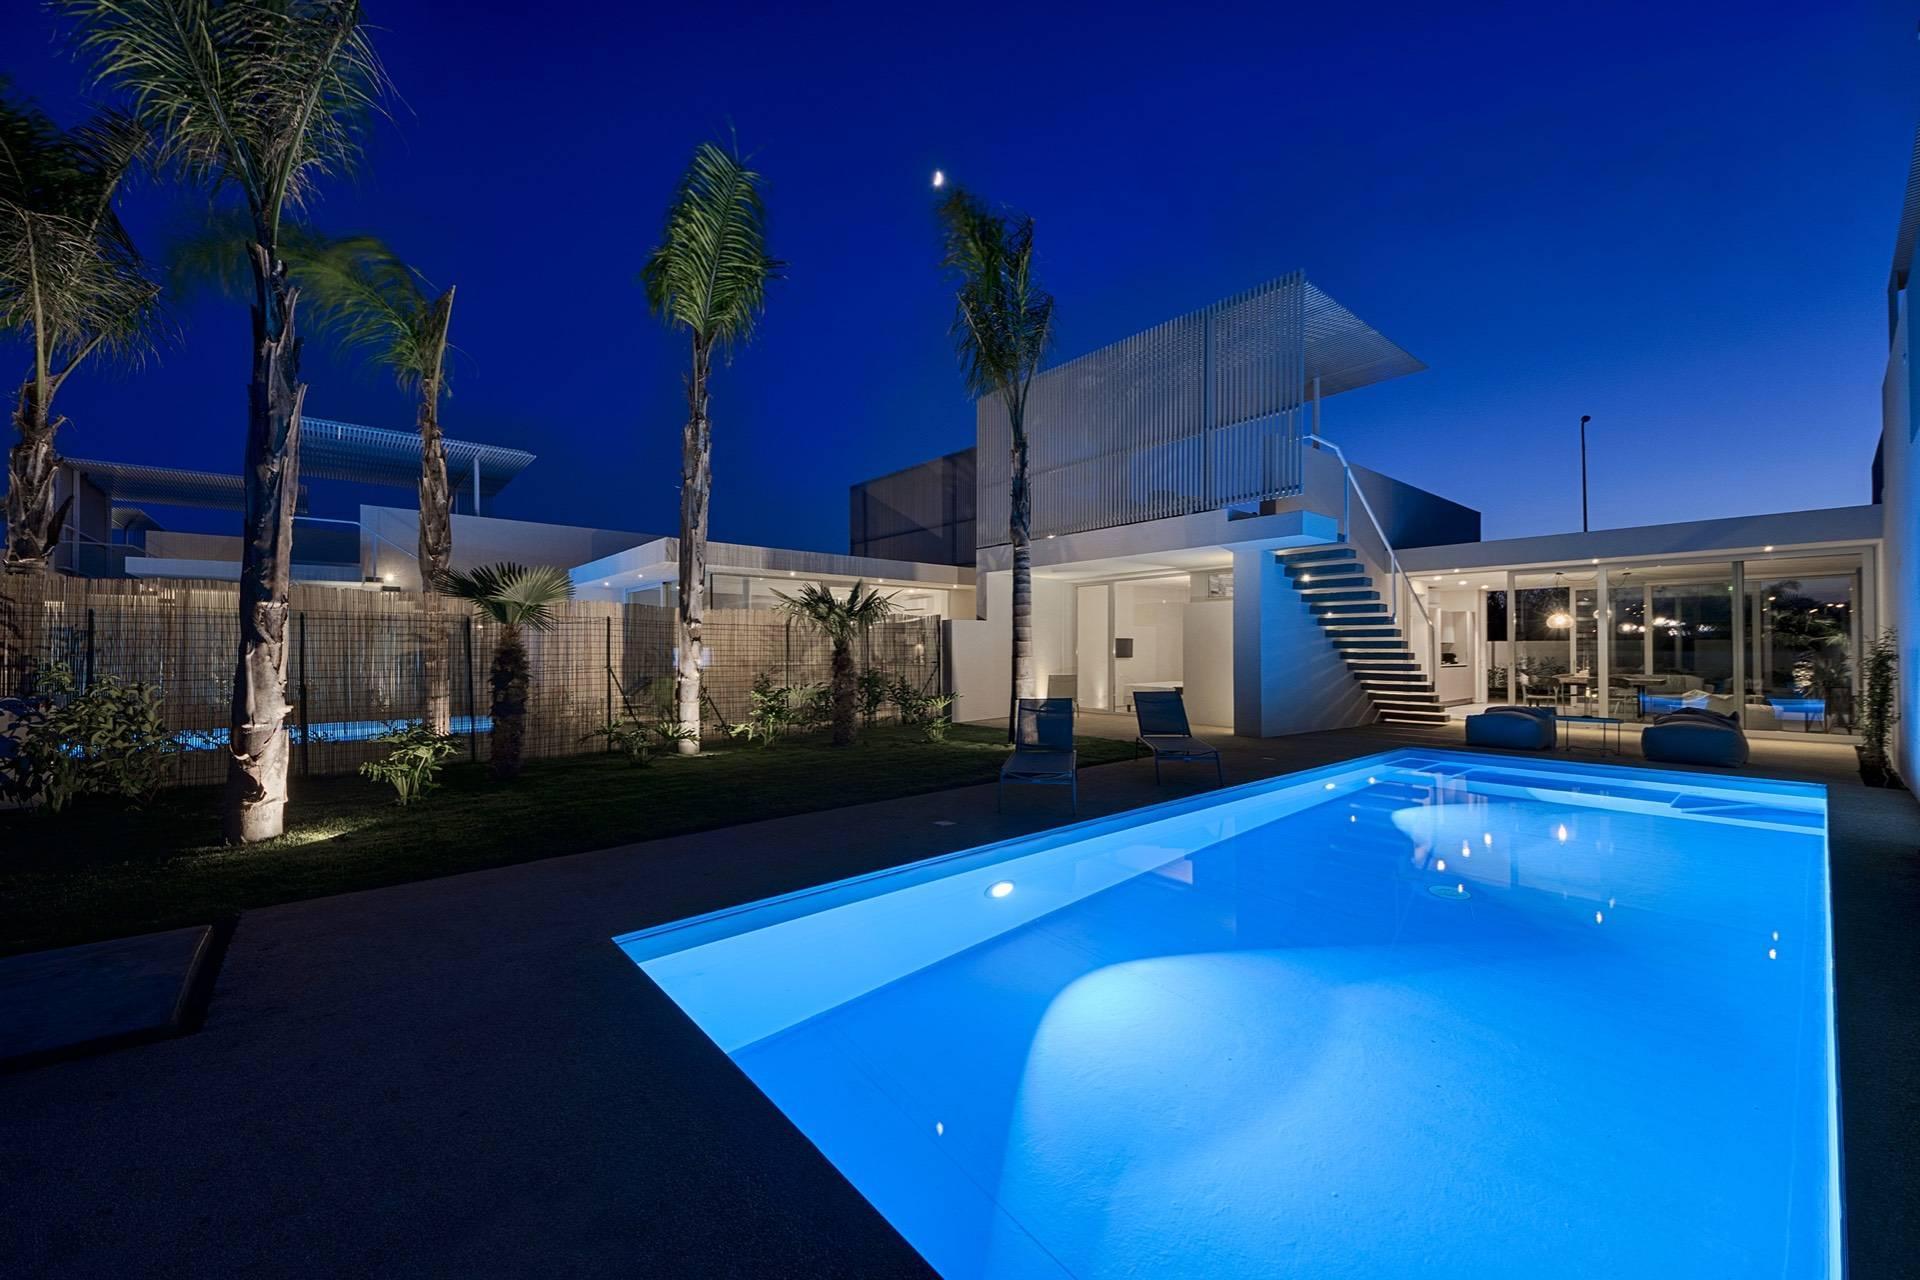 Villa indipendente con piscina a pochi passi dal mare - 6